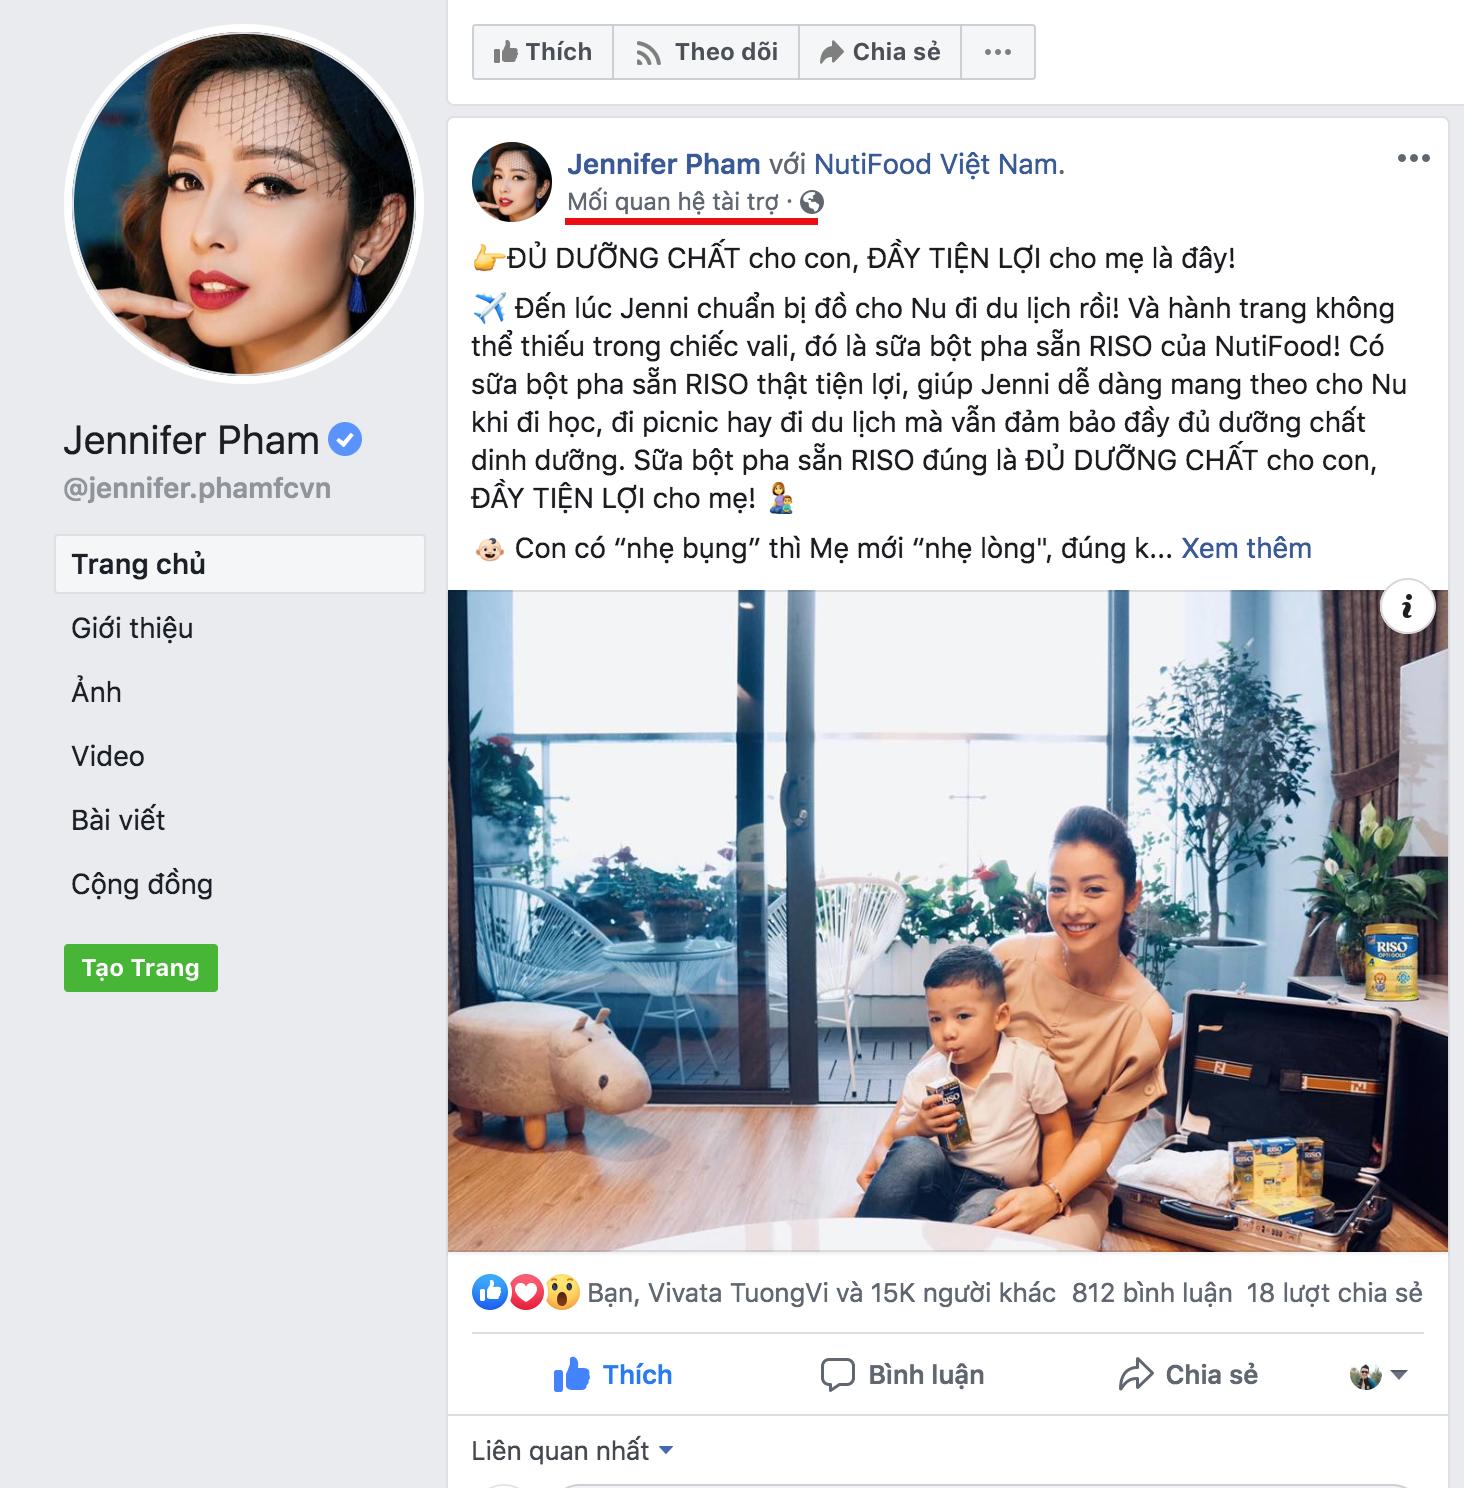 Branded Content Facebook là gì? và sử dụng như thế nào? 13